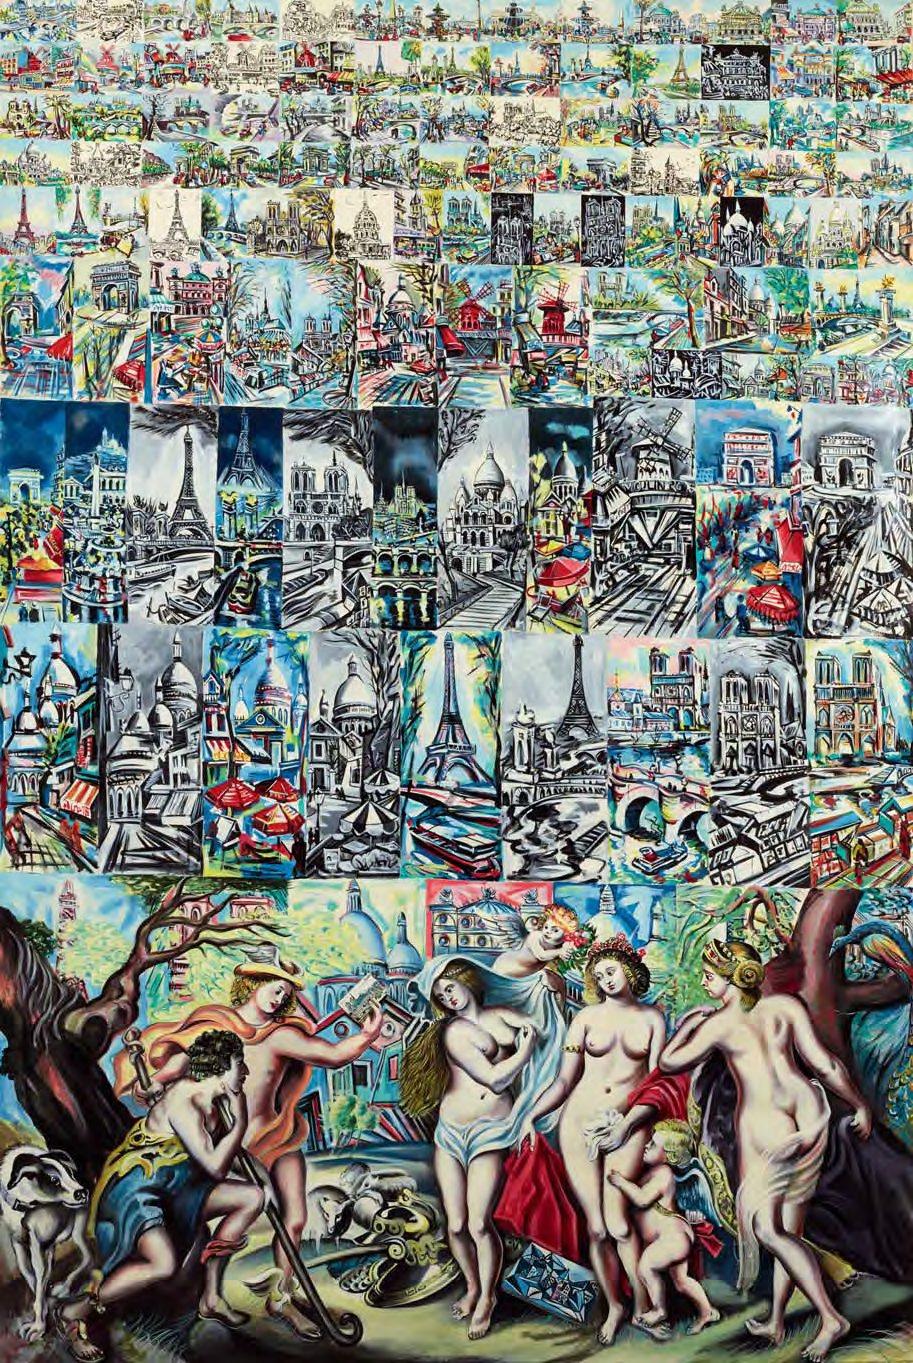 Le Jugement de Paris et l'Ecole@de Montmartre, huile sur toile (300 x 200 cm)